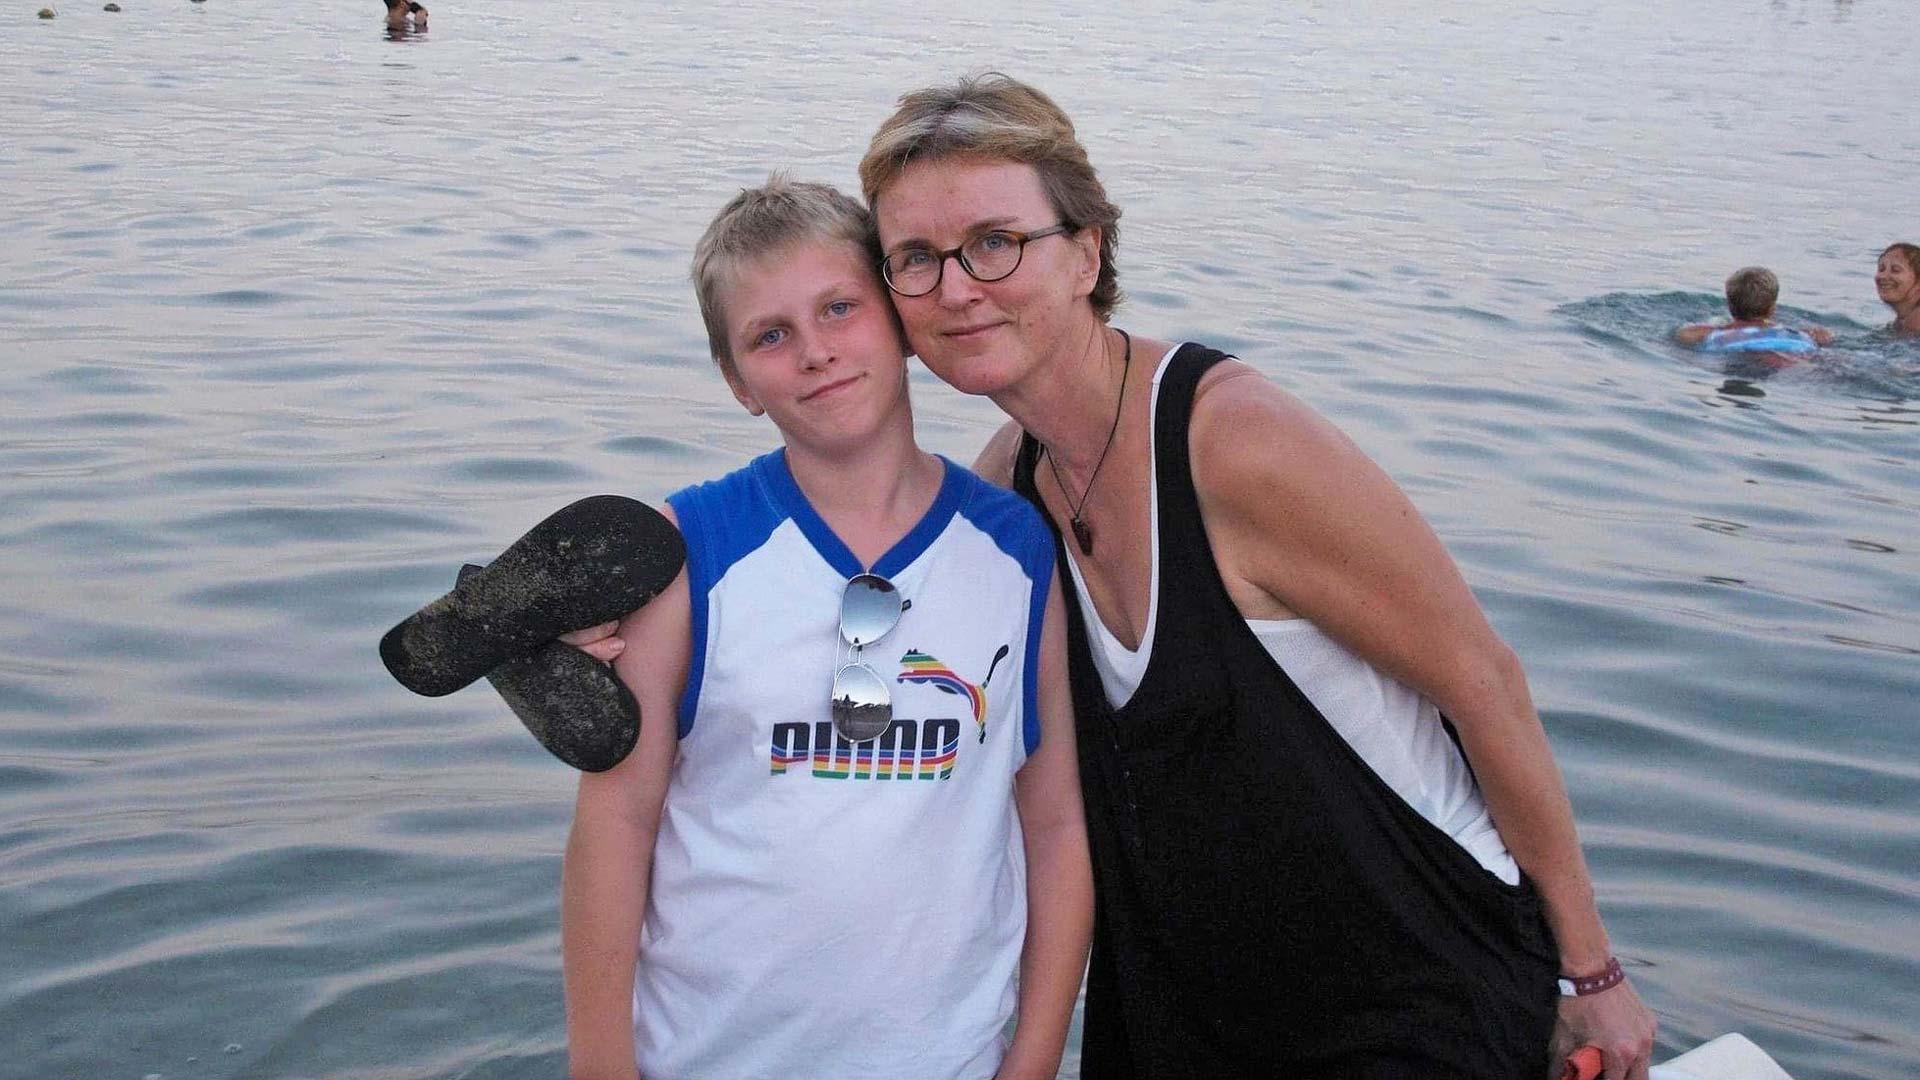 Vuonna 2010 pulikoitiin viikko Punaisessameressä Sharm el-Sheikhissä. Kotona mietittiin muita asioita, mutta matkalla äiti keskittyi minuun.